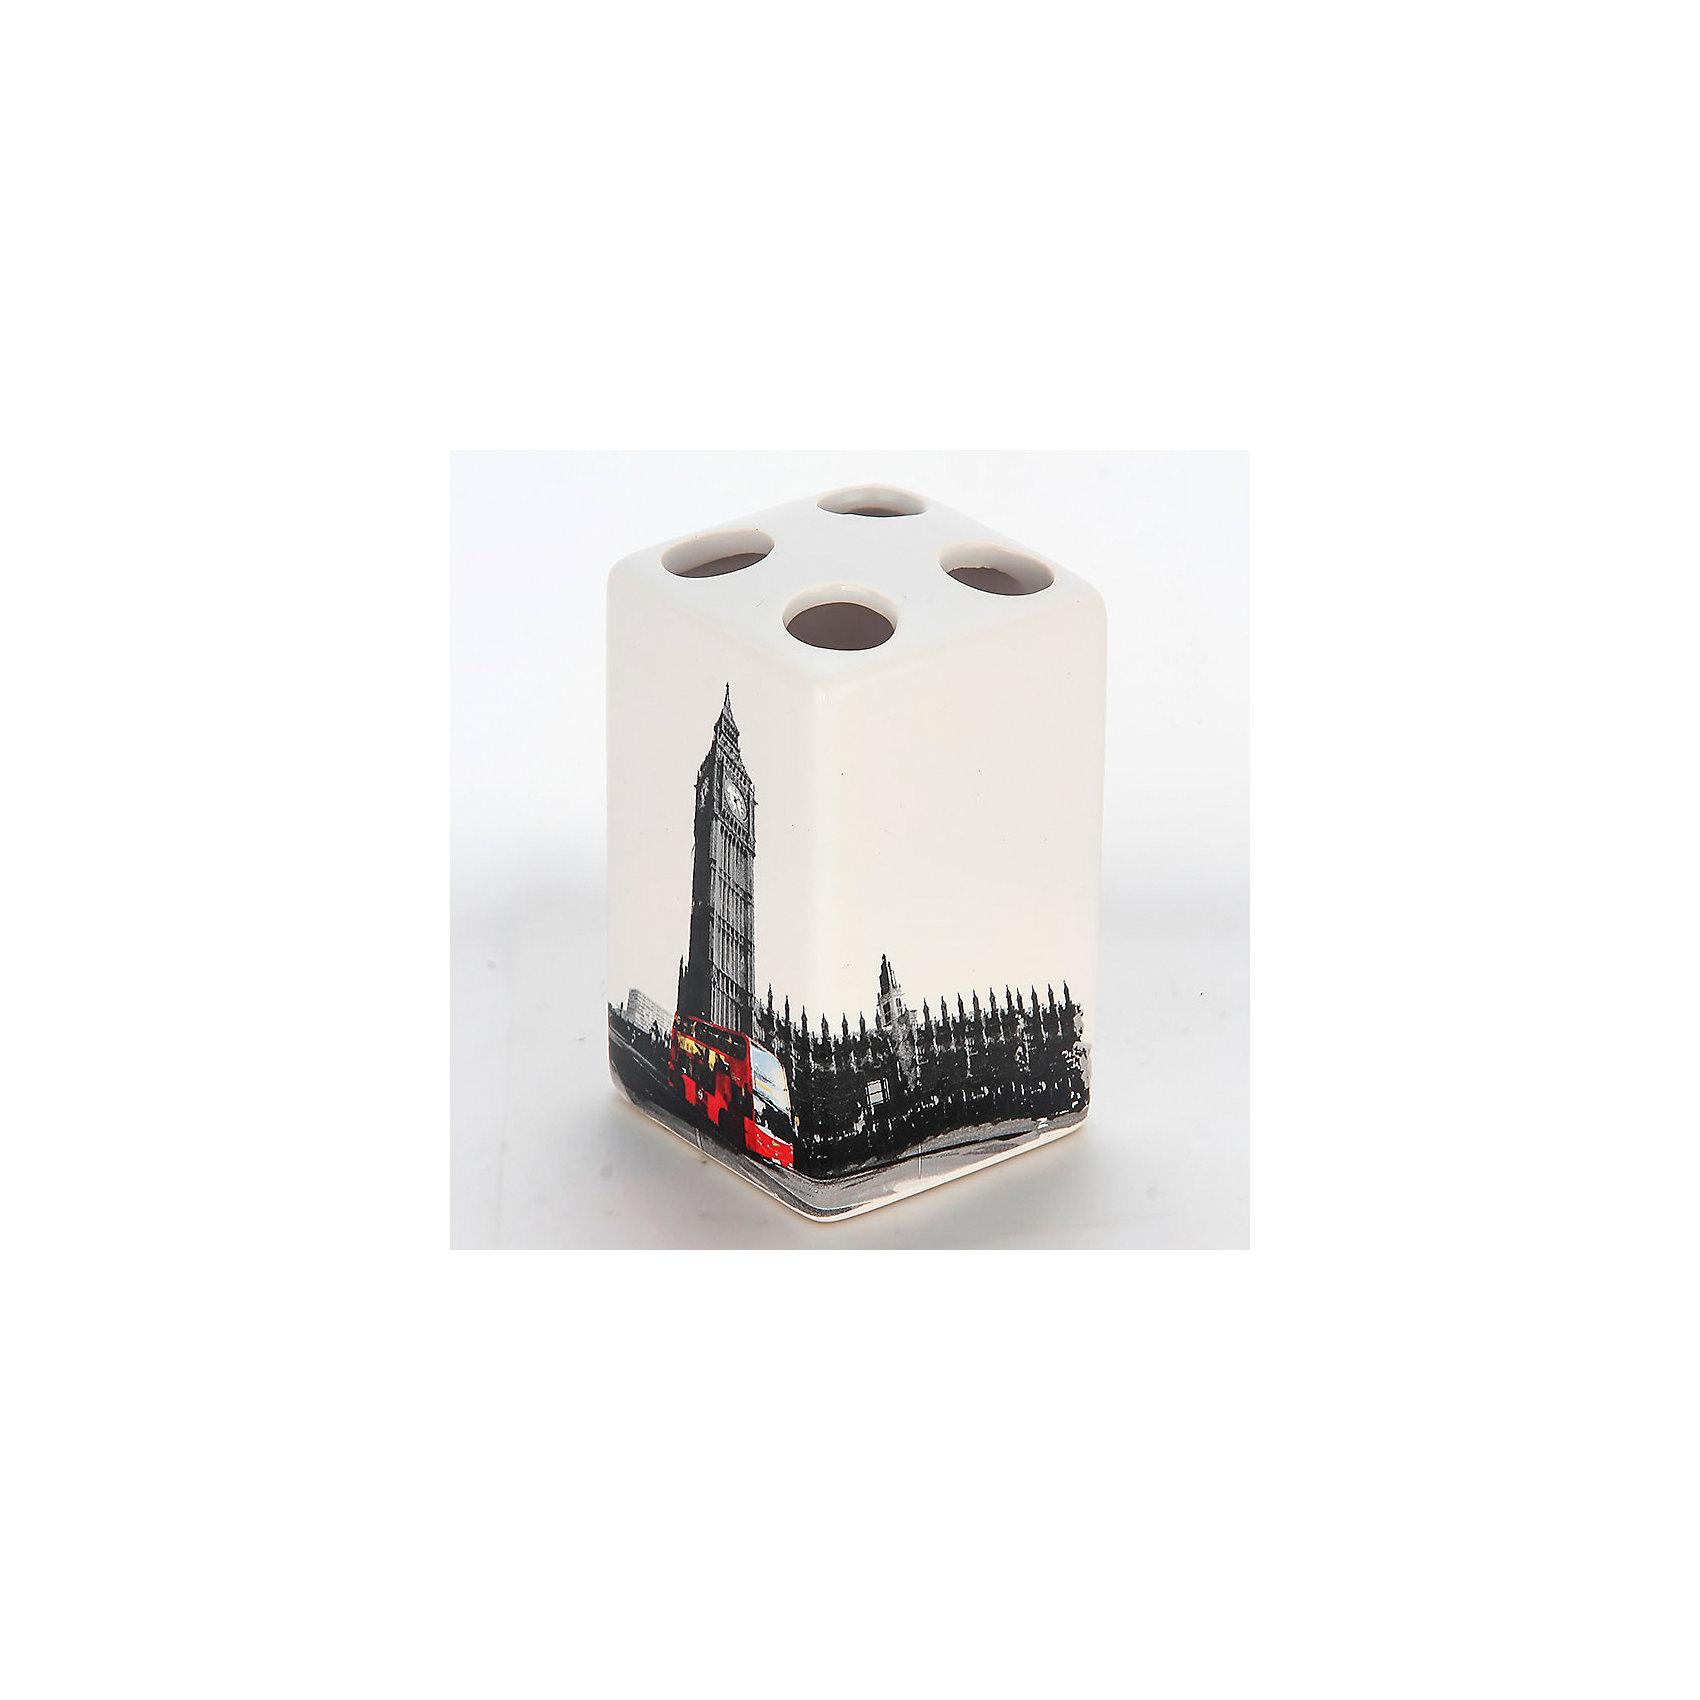 Держатель для зубных щеток Лондон TBH-L, Рыжий котВанная комната<br>Держатель для зубных щеток Лондон TBH-L, Рыжий кот<br><br>Характеристики:<br><br>• четыре отверстия для зубных щеток<br>• приятный дизайн<br>• материал: керамика<br>• размер: 6,6х6,6х10,5 см<br><br>Держатель Лондон предназначен для хранения зубных щеток. Он имеет четыре небольших отверстия для щеток, что отлично подойдет для большой семьи. Держатель изготовлен из керамики и оформлен изображением Биг-Бена и классического двухэтажного автобуса Лондона.<br><br>Держатель для зубных щеток Лондон TBH-L, Рыжий кот вы можете купить в нашем интернет-магазине.<br><br>Ширина мм: 80<br>Глубина мм: 80<br>Высота мм: 120<br>Вес г: 246<br>Возраст от месяцев: 12<br>Возраст до месяцев: 216<br>Пол: Унисекс<br>Возраст: Детский<br>SKU: 5454077